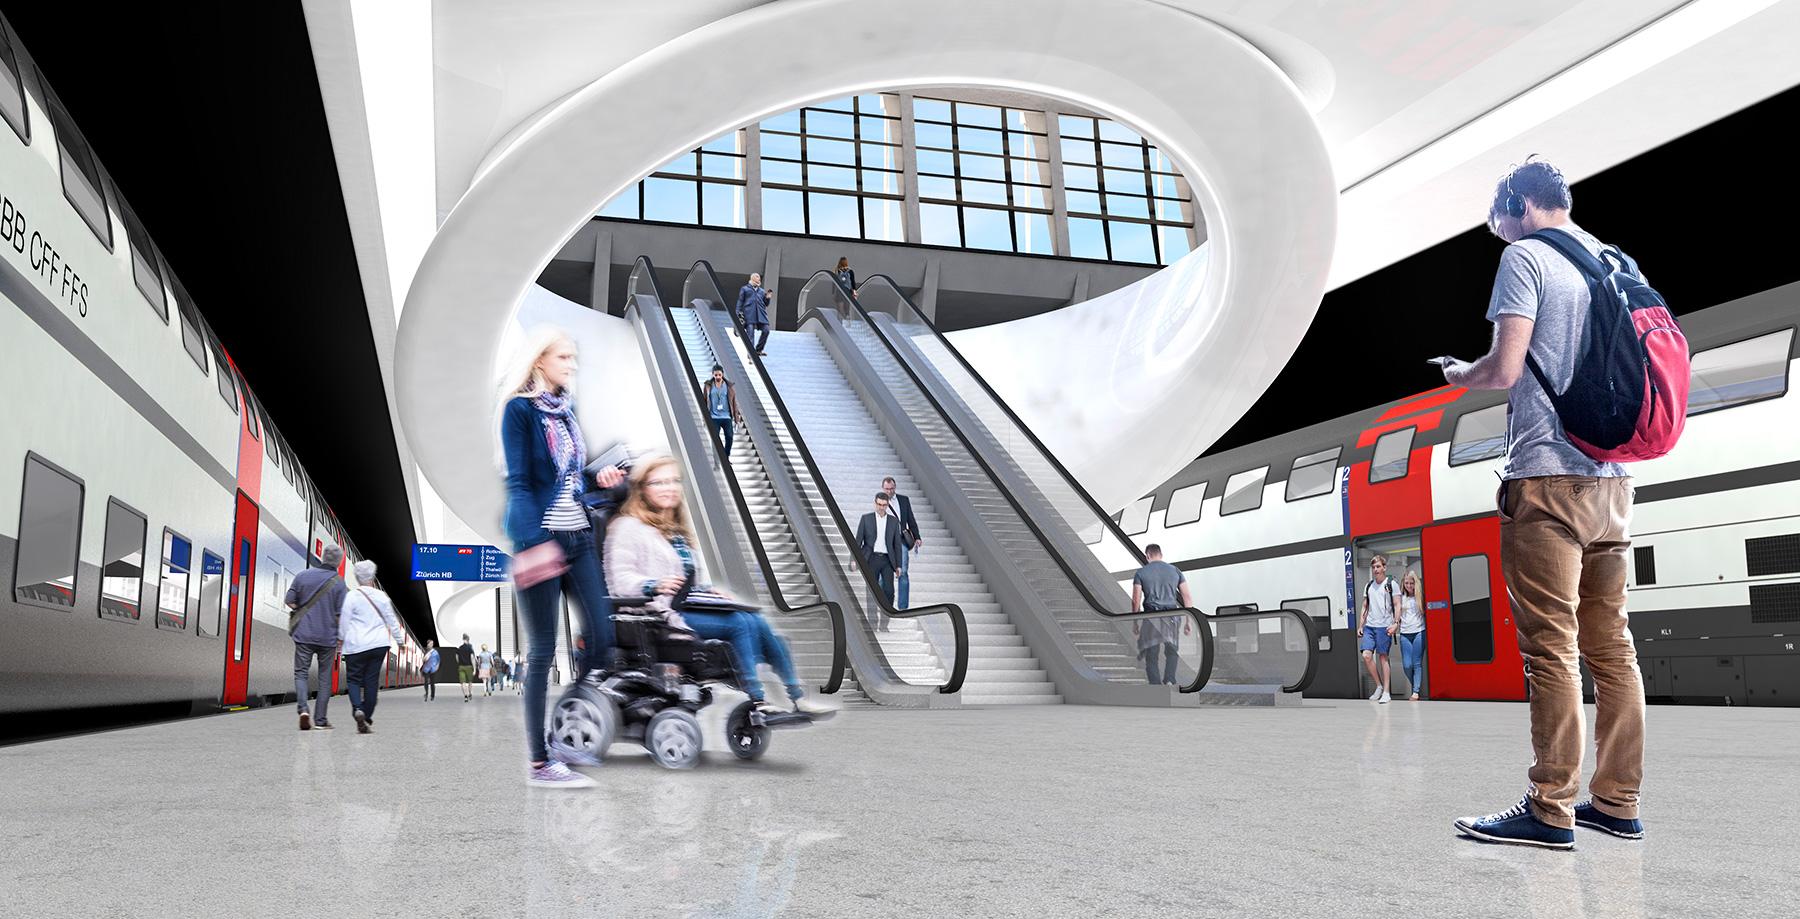 Durchgangsbahnhof Kanton Luzern Visuals